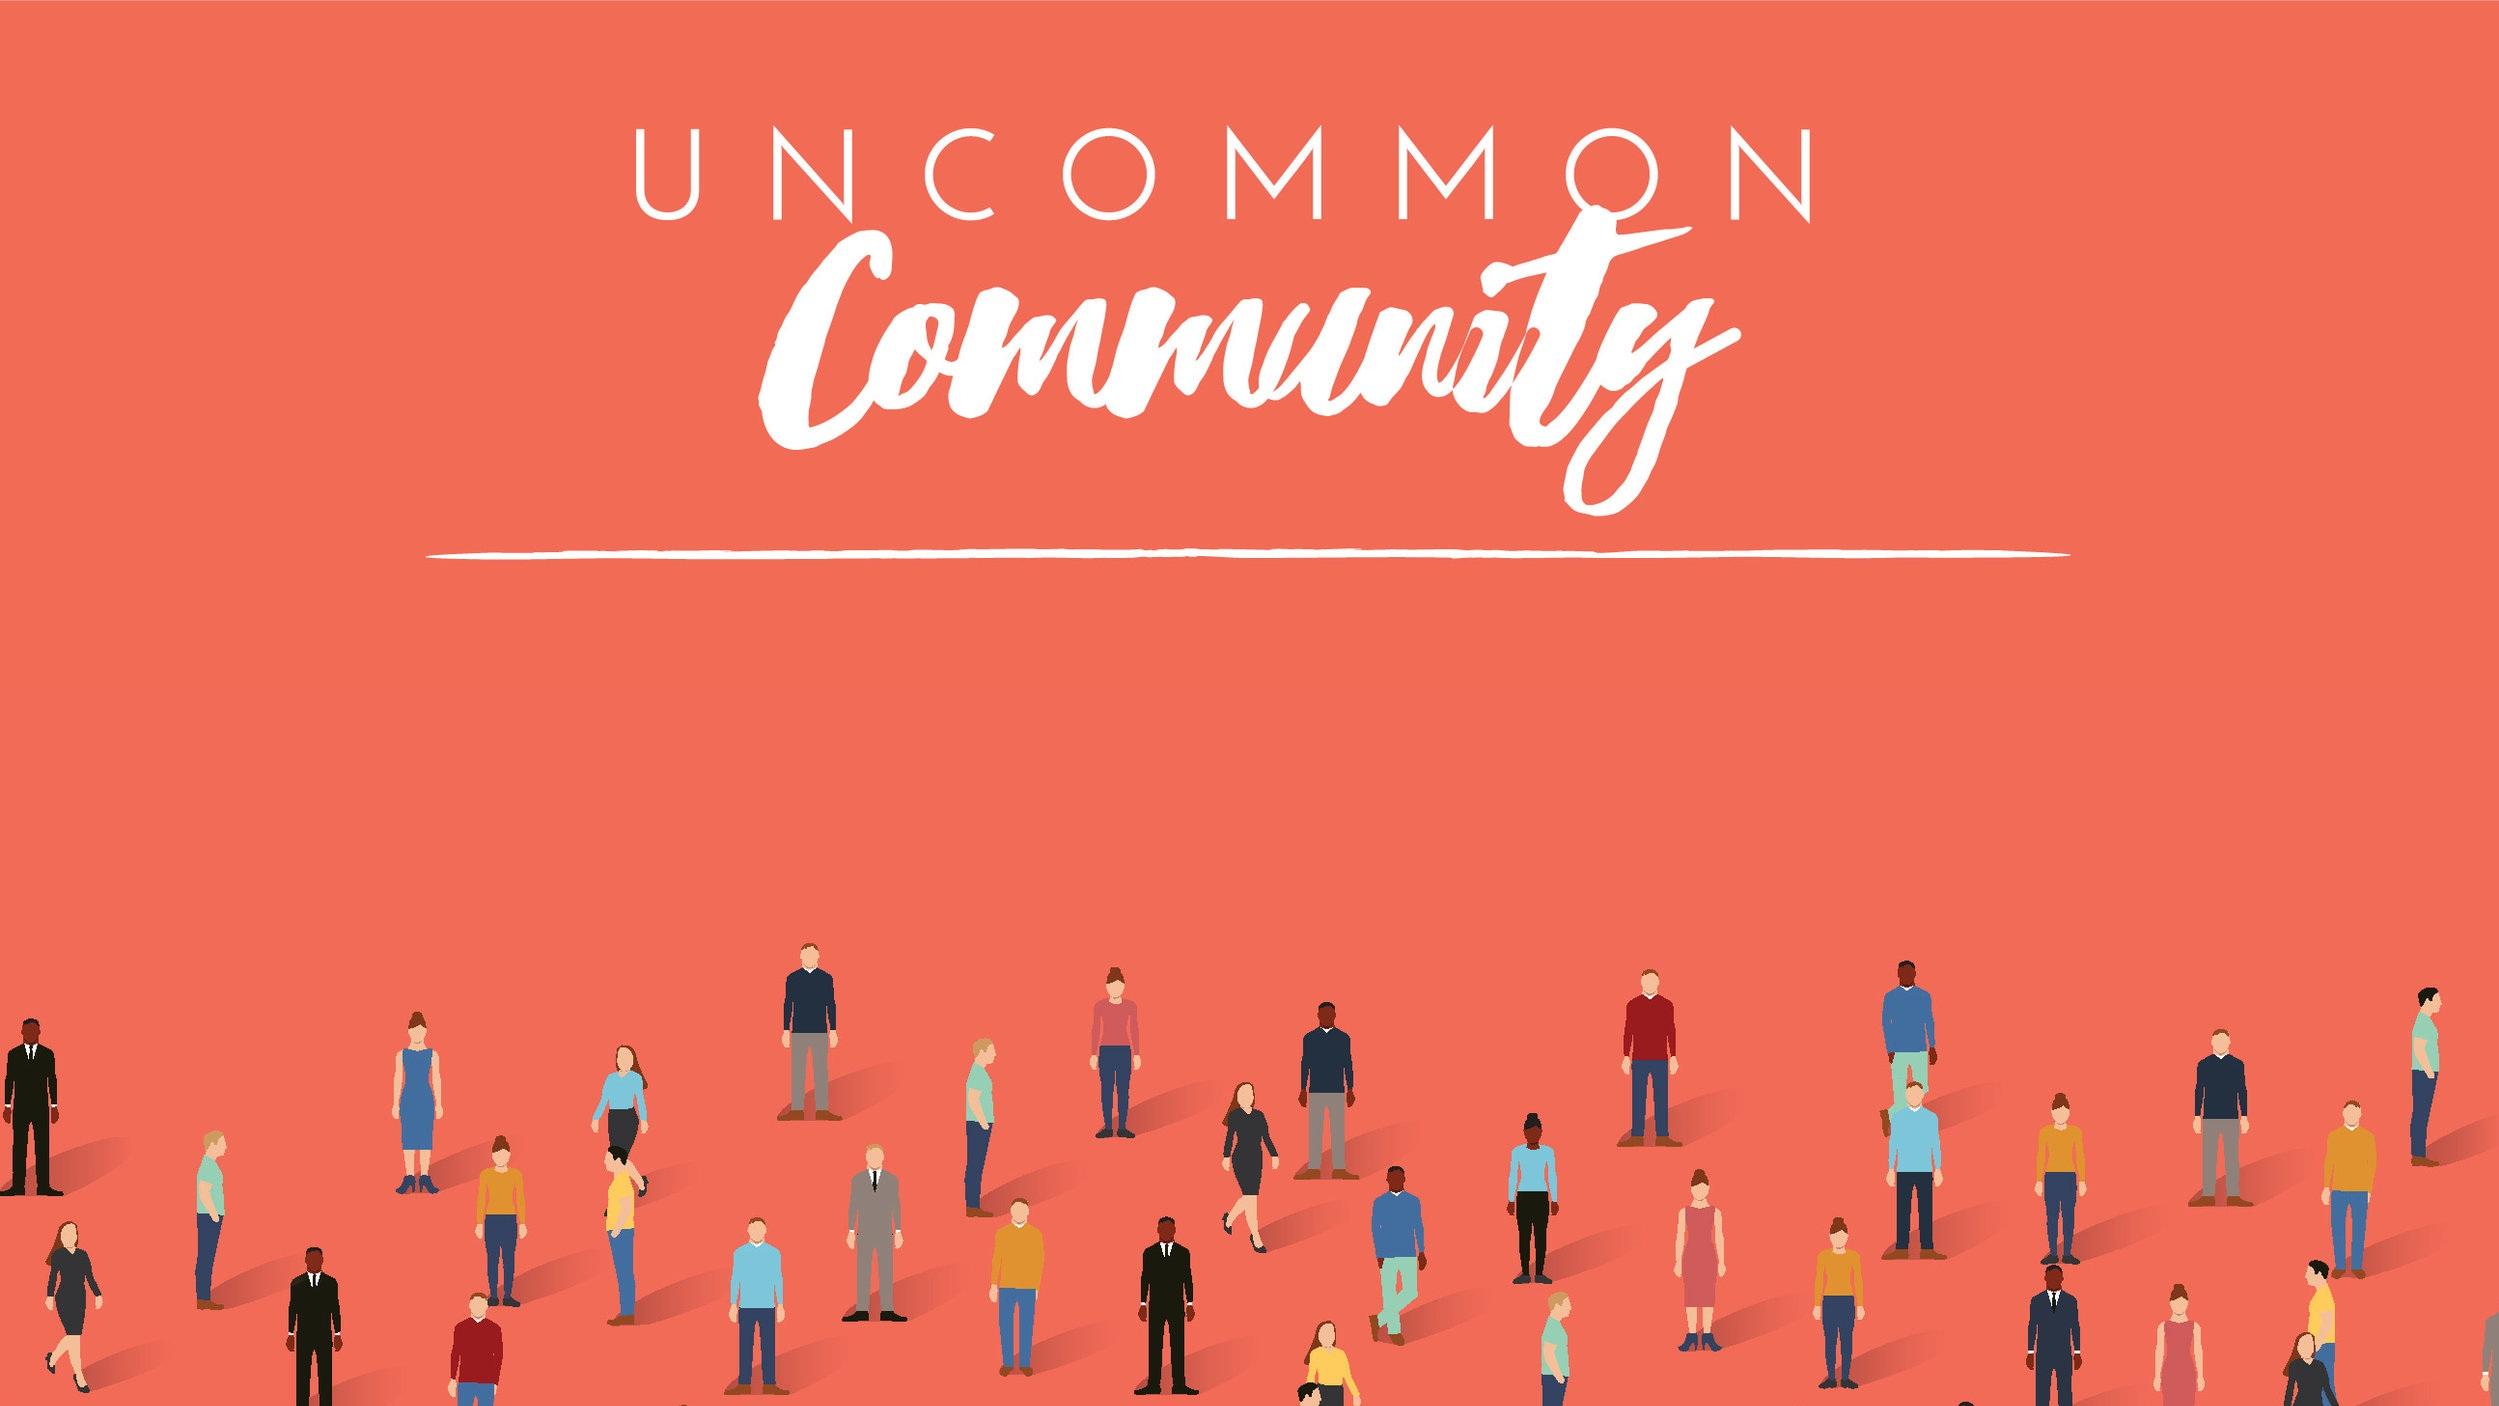 Uncommon Community